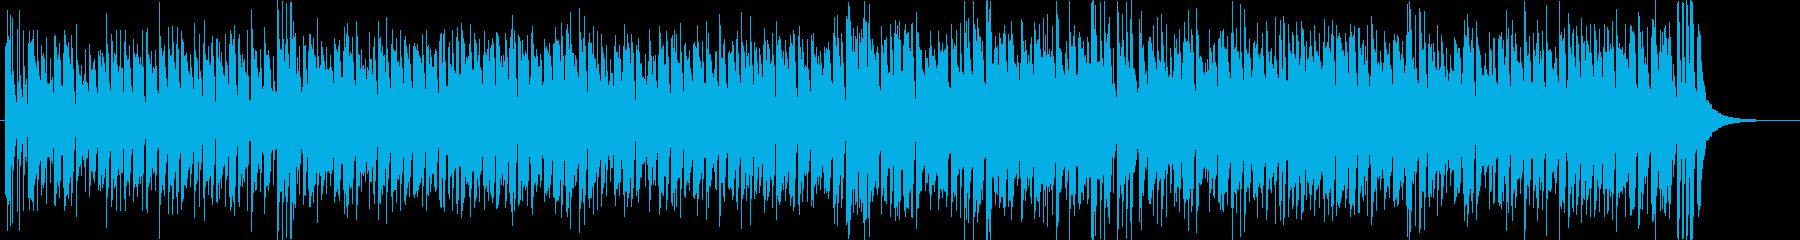 スカバンド風の海を連想する陽気な曲の再生済みの波形